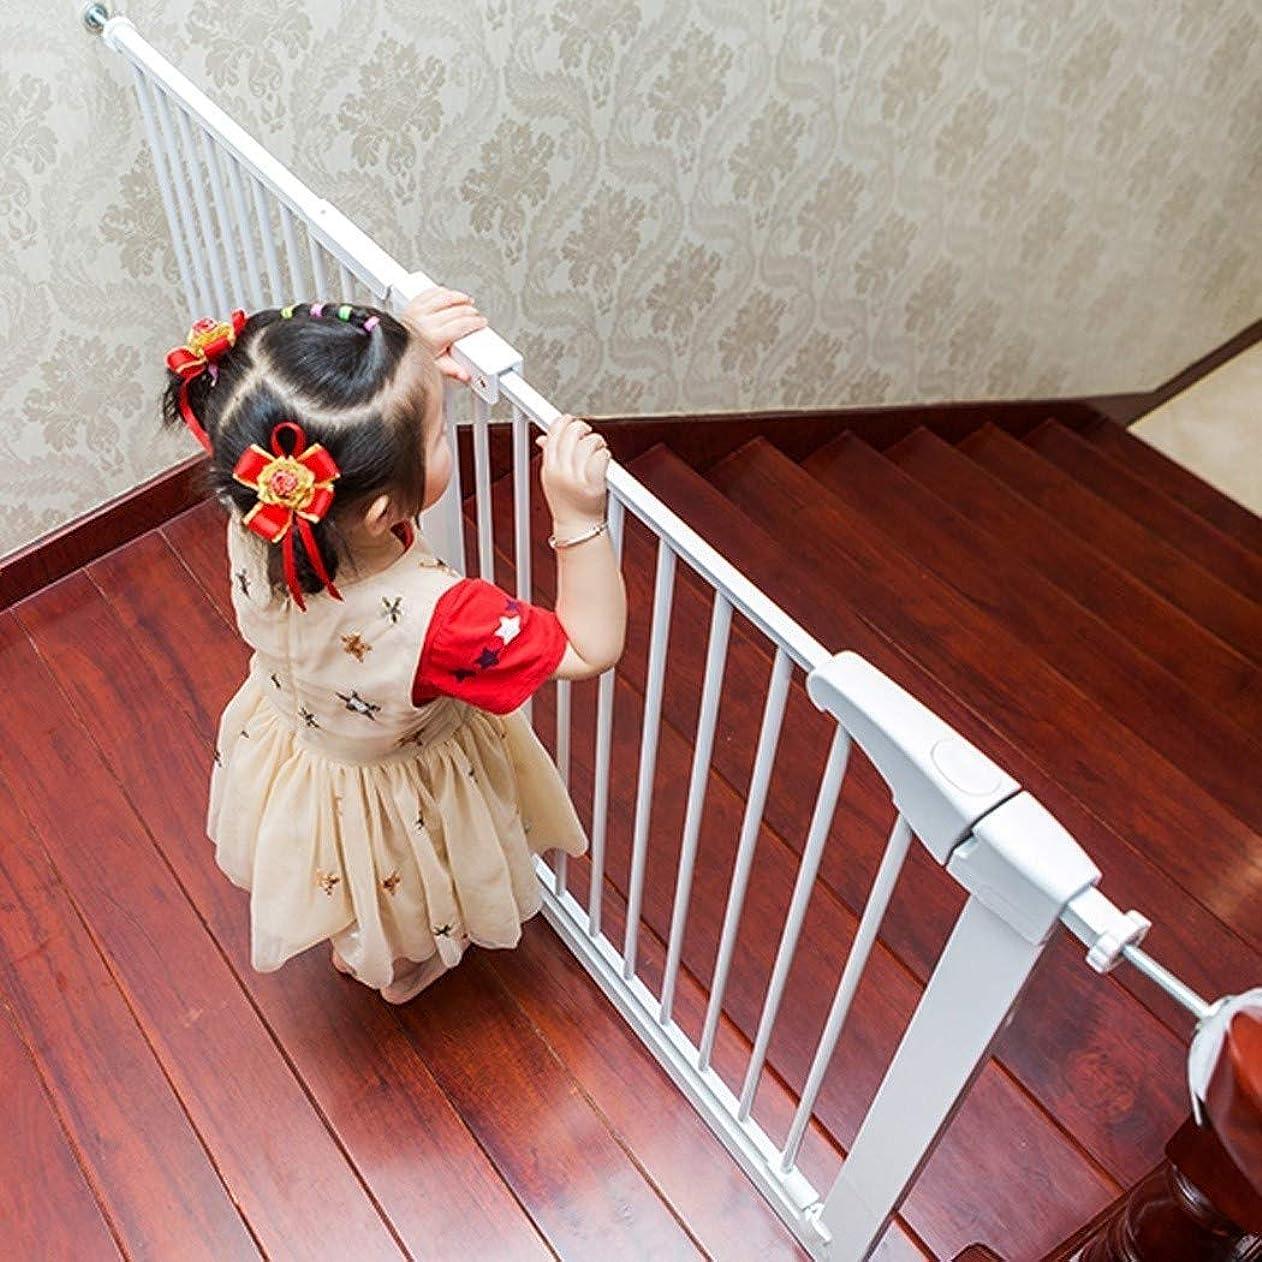 真っ逆さま勘違いする布階段フェンスドアチャイルドベビーキッチンフェンス用ベビーゲートフェンスフリーパンチホーム屋内フェンスセルフクロージング(色:High78cm、サイズ:247-255cm)